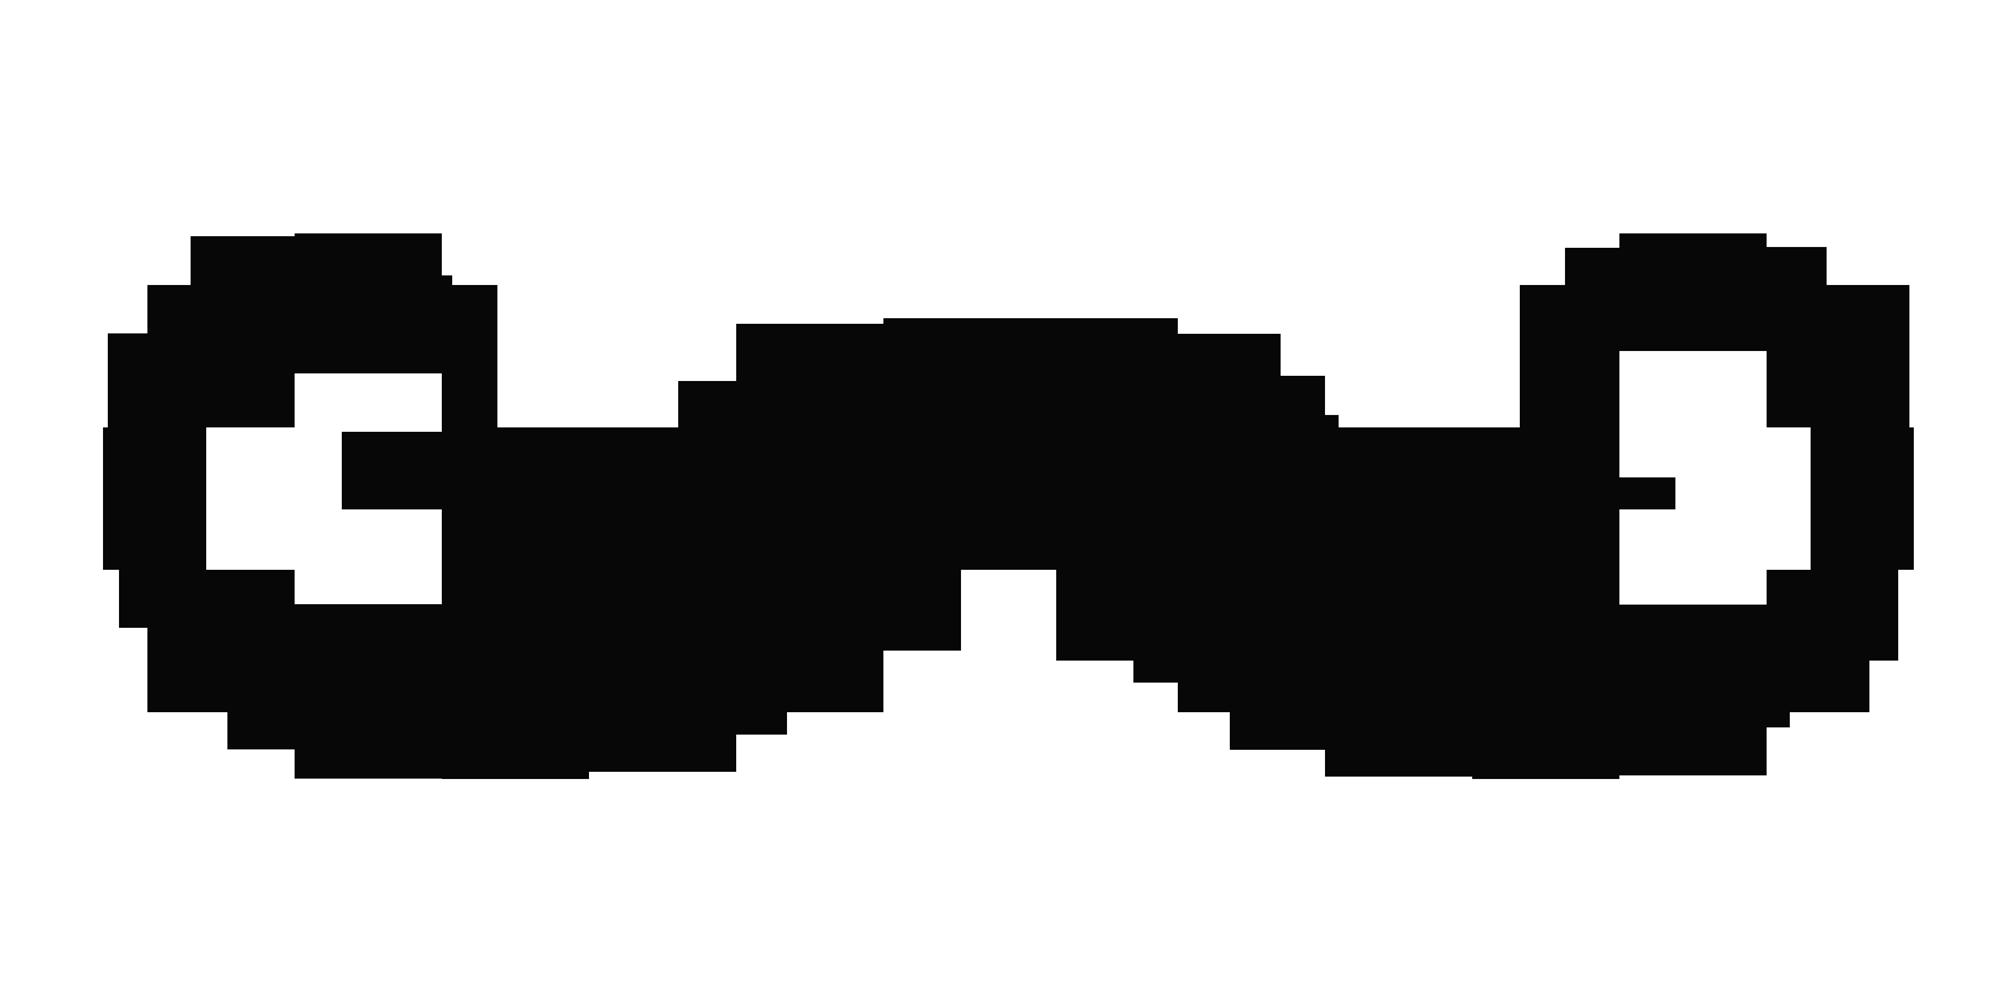 2000x992 Moustache Png Image